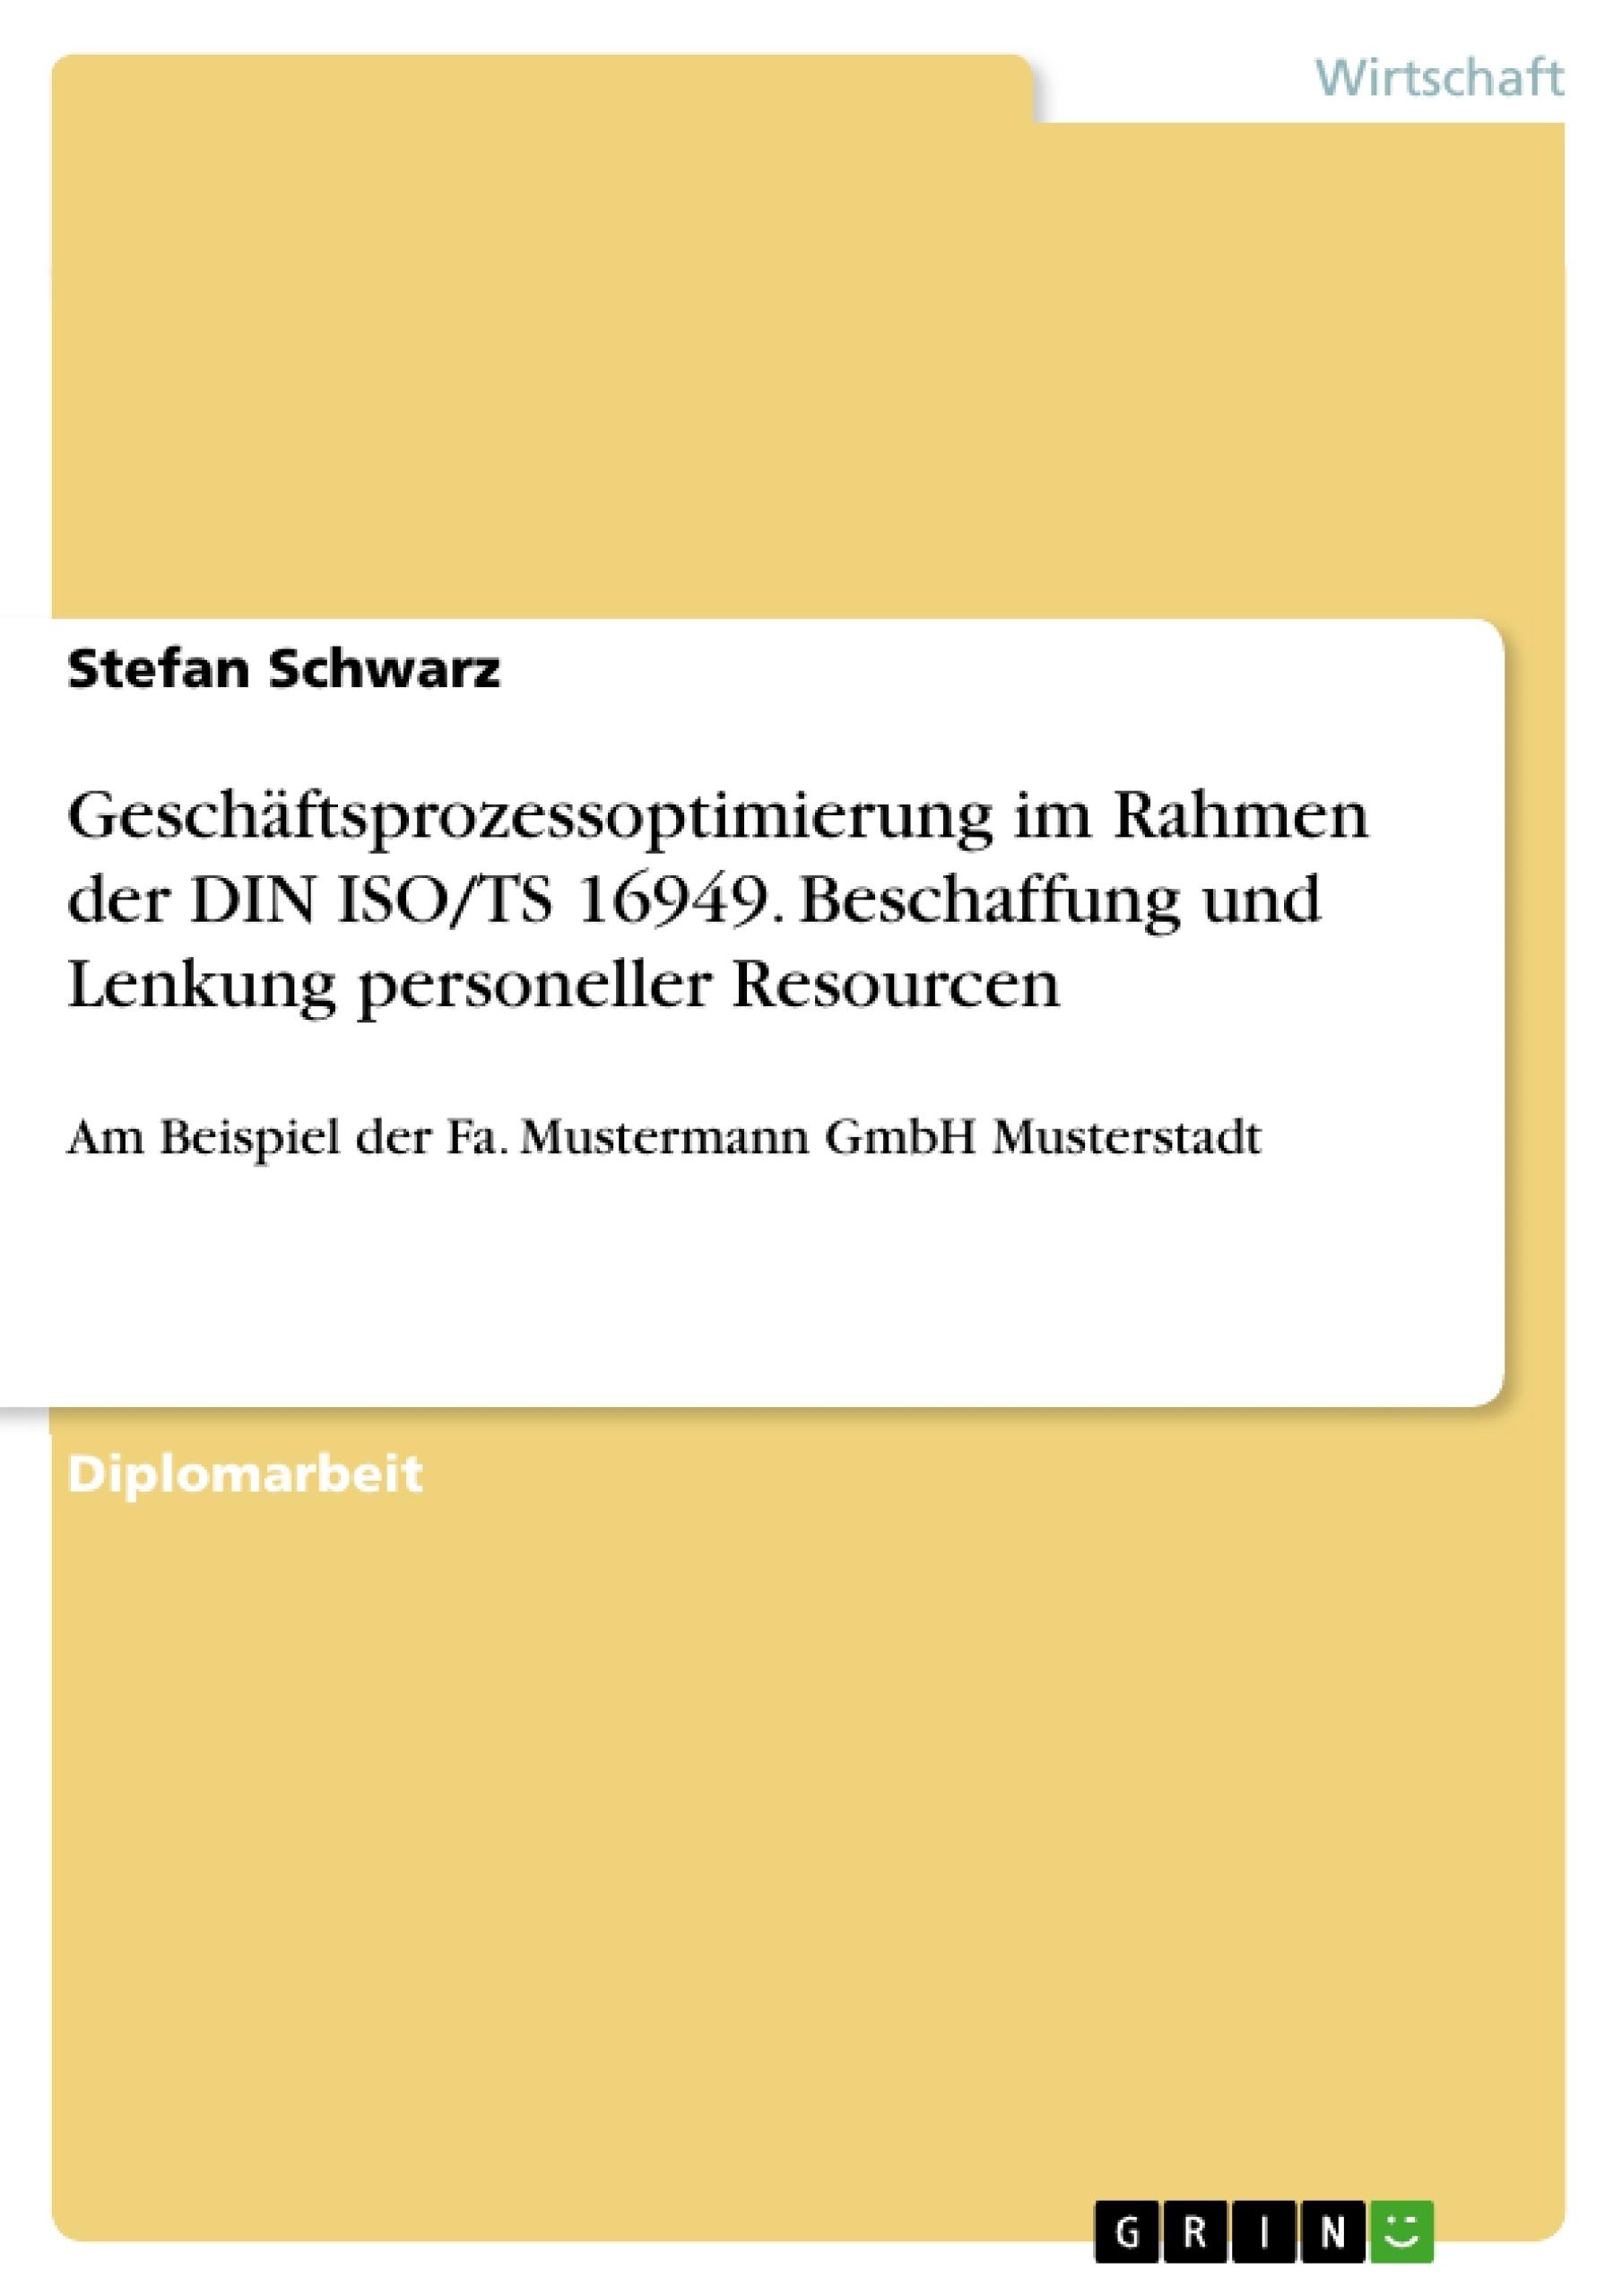 Titel: Geschäftsprozessoptimierung im Rahmen der DIN ISO/TS 16949. Beschaffung und Lenkung personeller Resourcen